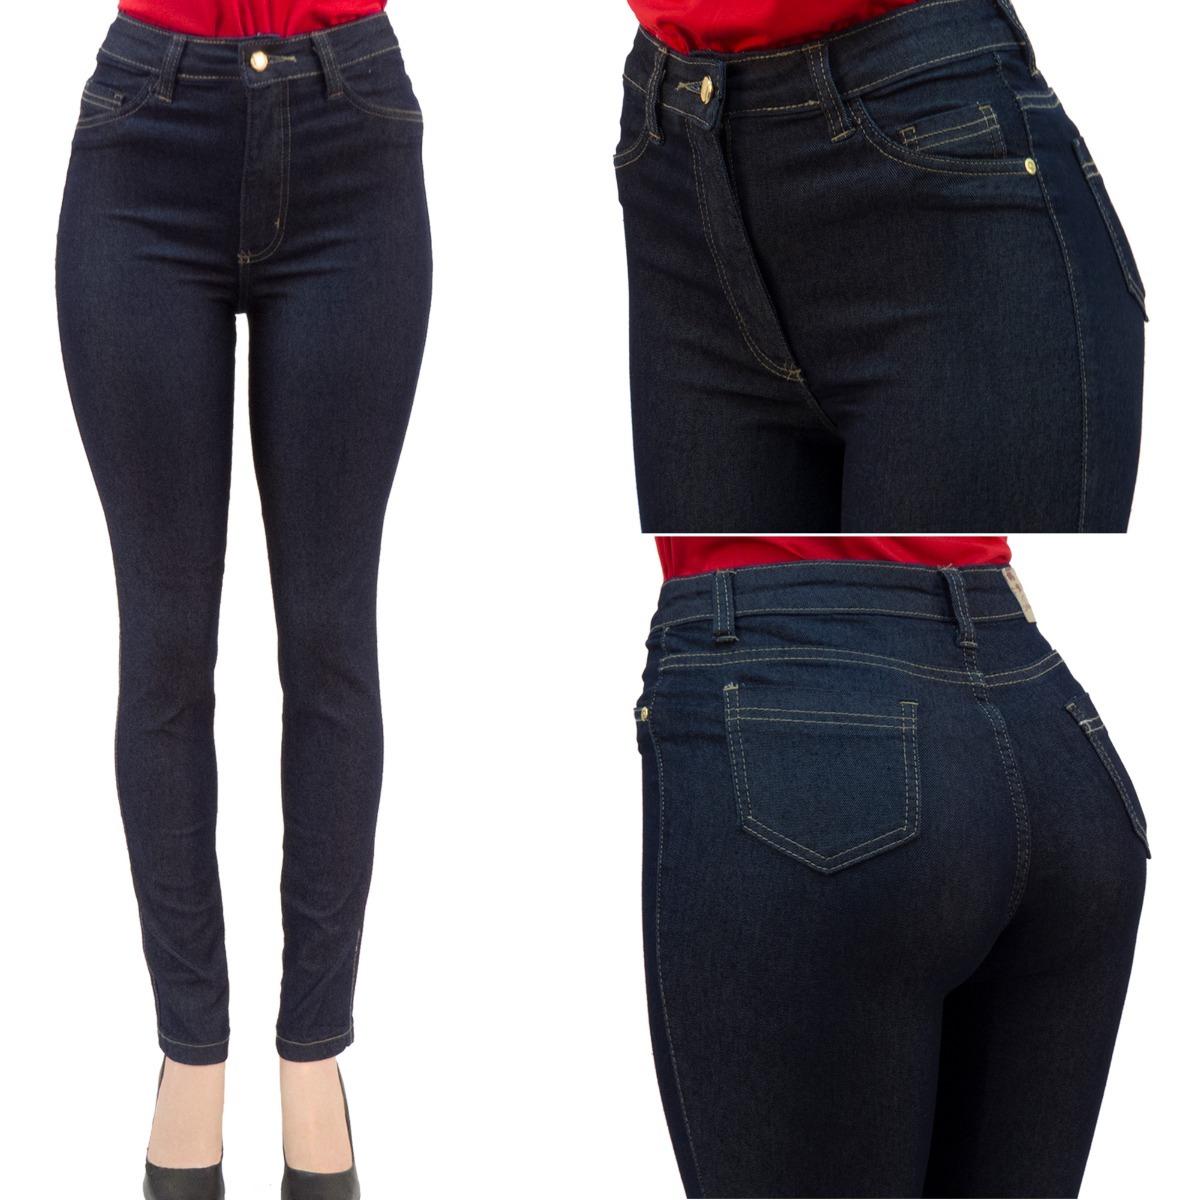 7f04f3f09 calça jeans cintura alta hot pants barata 36 ao 46. Carregando zoom.